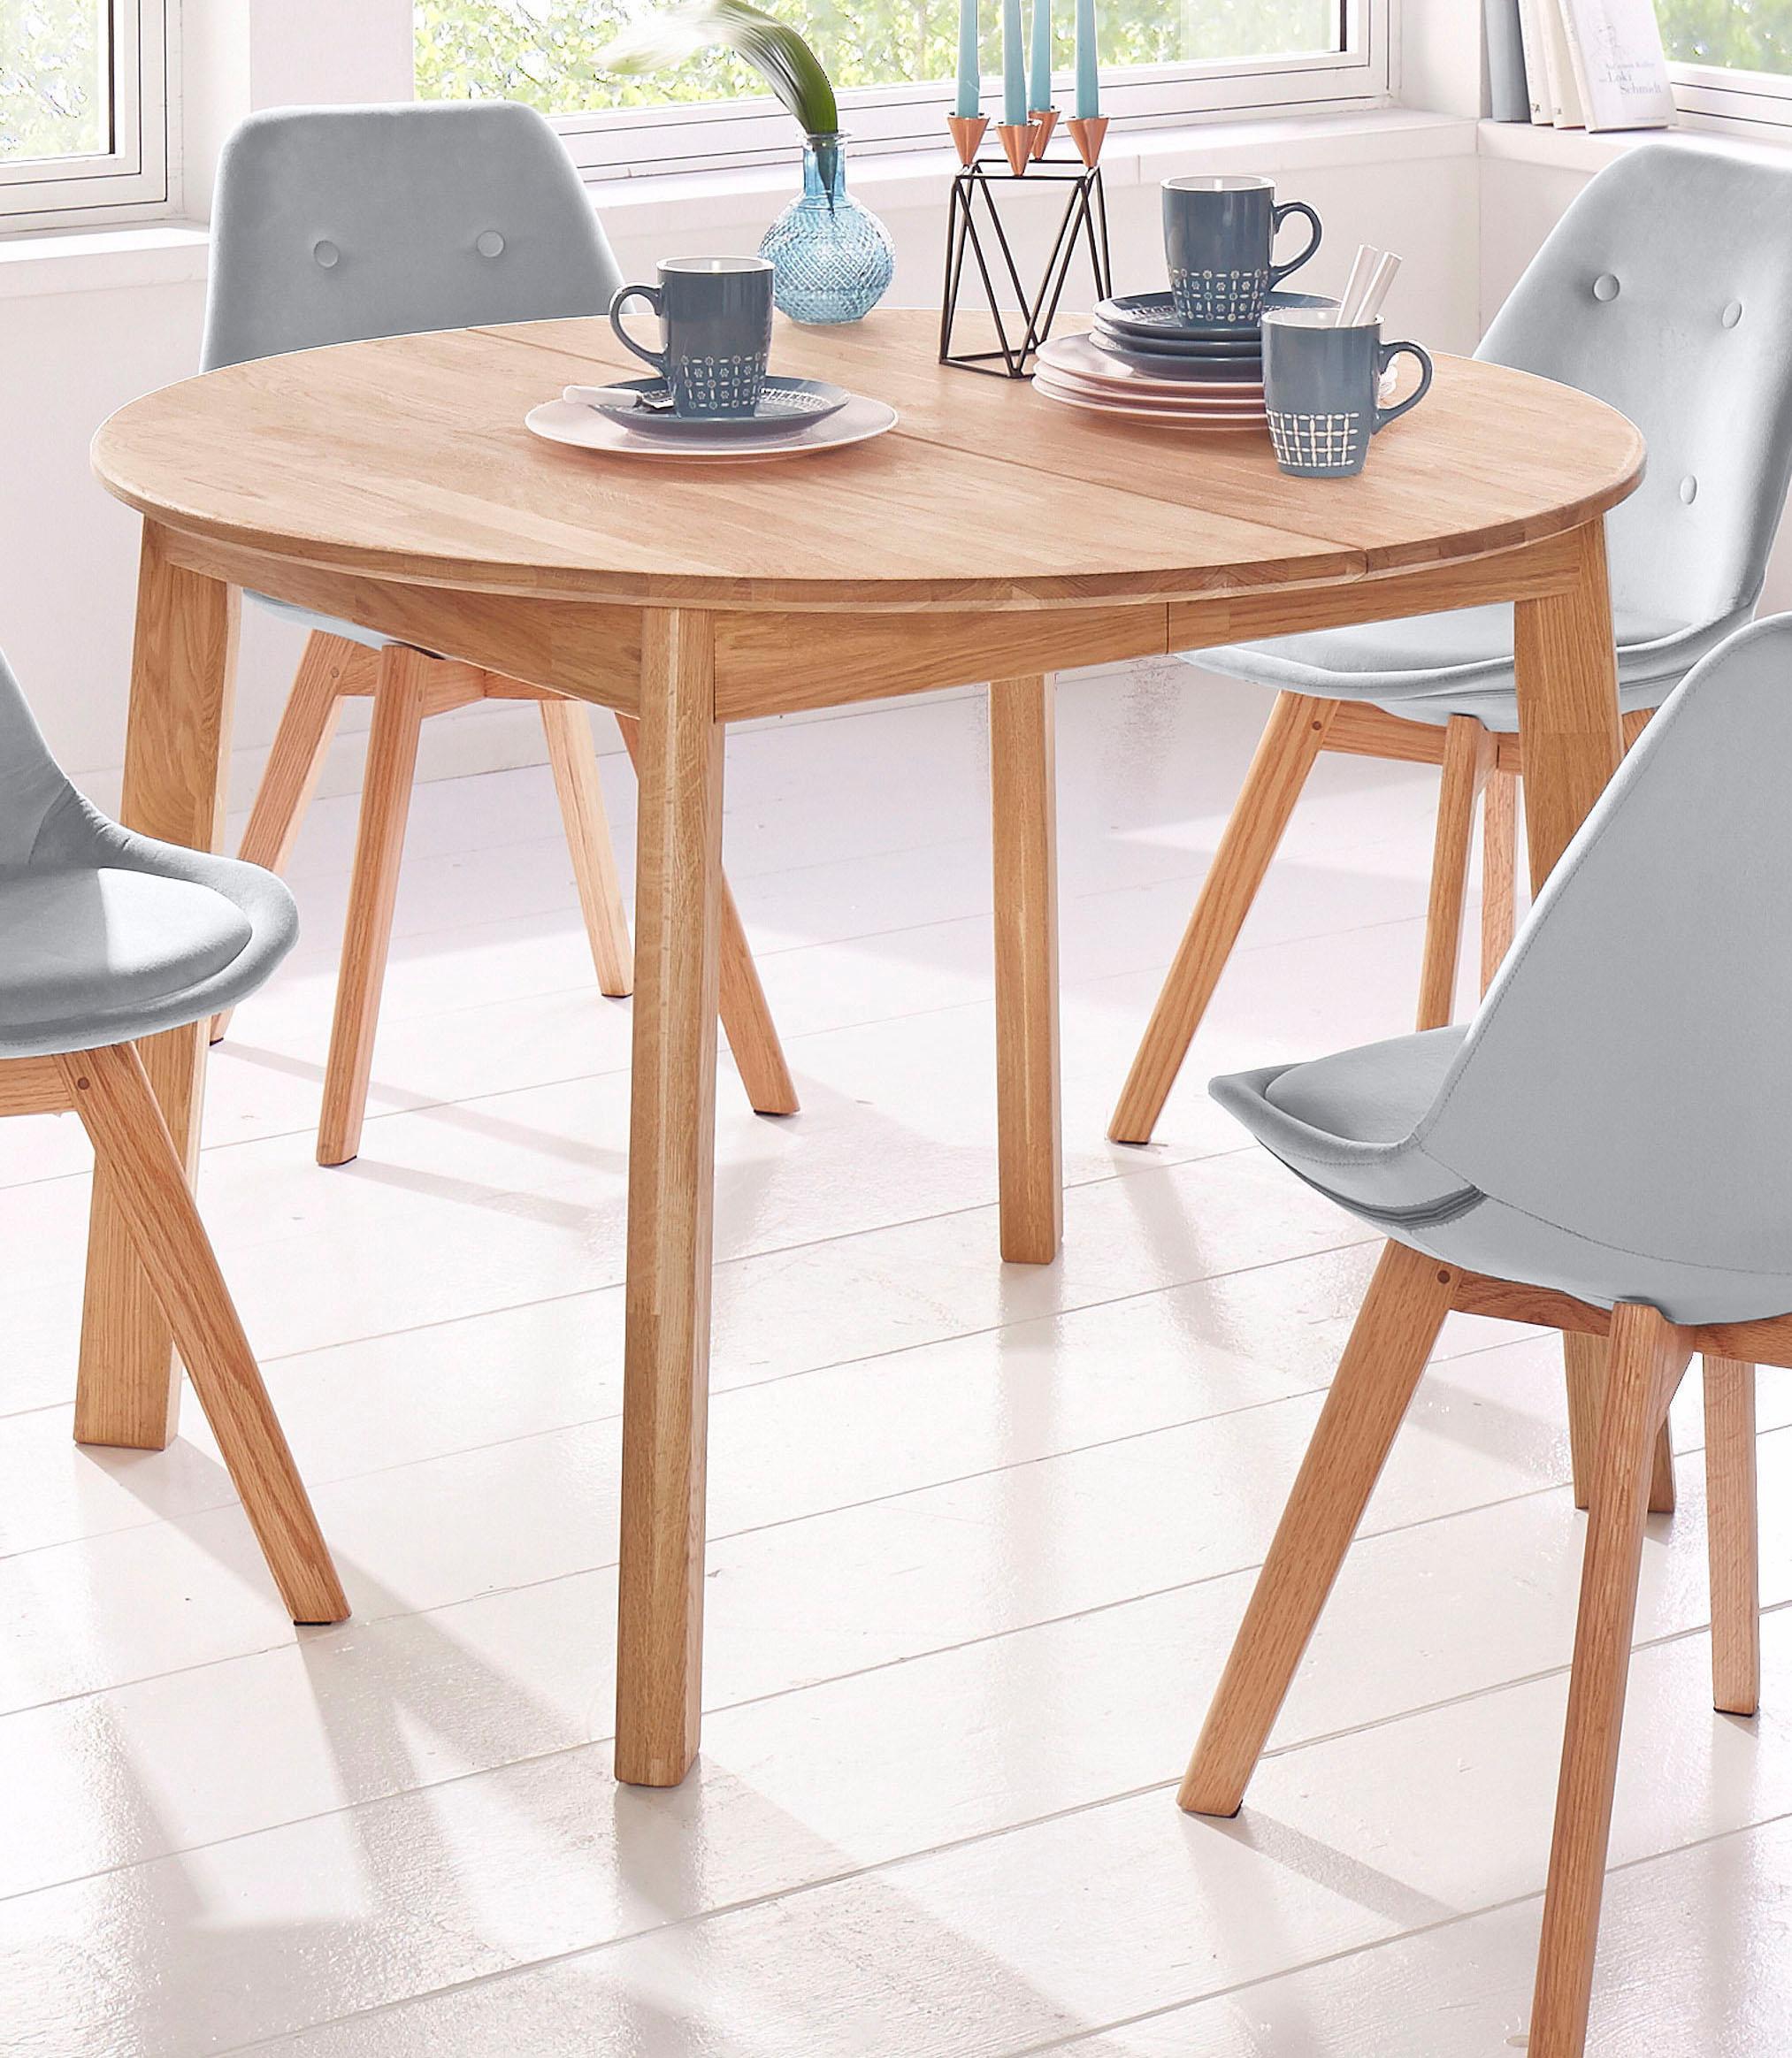 Esstisch Skagen Wohnen/Möbel/Tische/Esstische/Esstische rund & oval